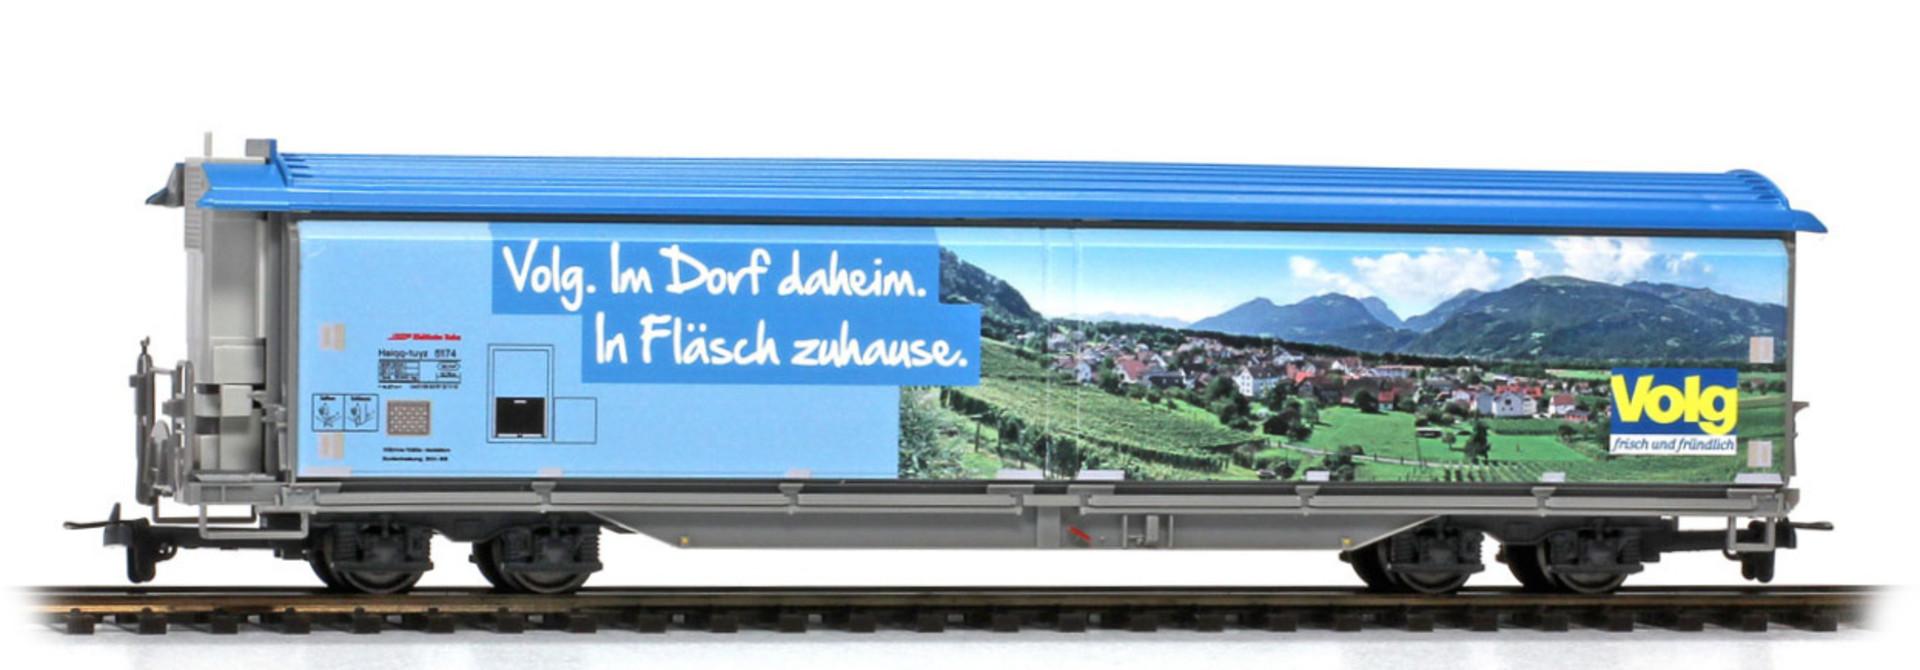 """2288168 RhB Haiqq-tuyz 5174 Volg """"Fläsch"""" mittelblau"""